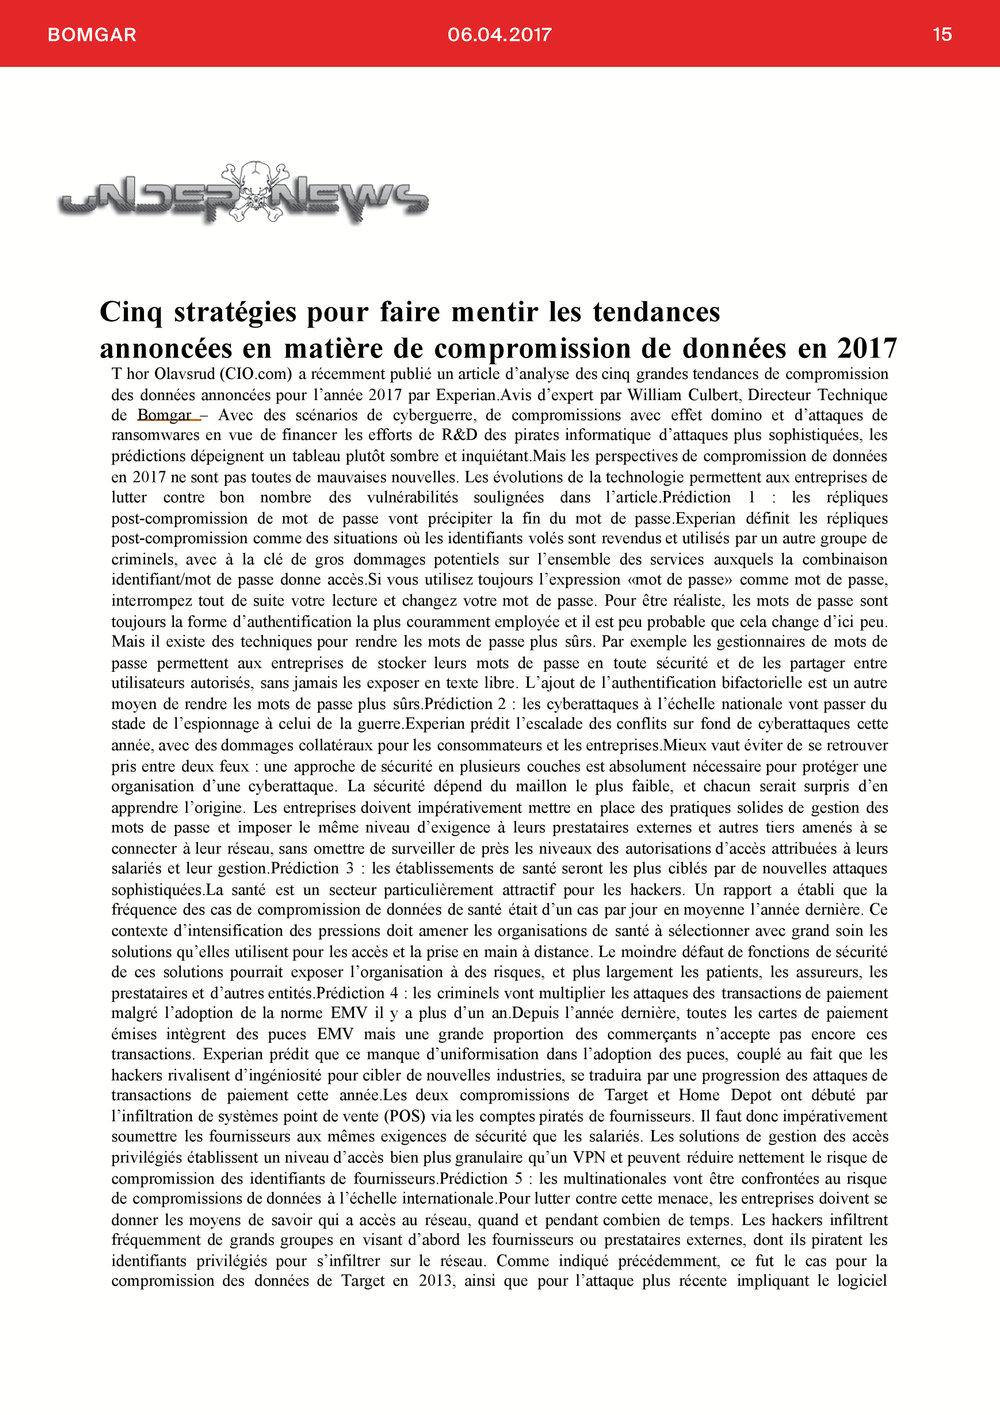 BOOKMEDIA_AVRIL_015.jpg